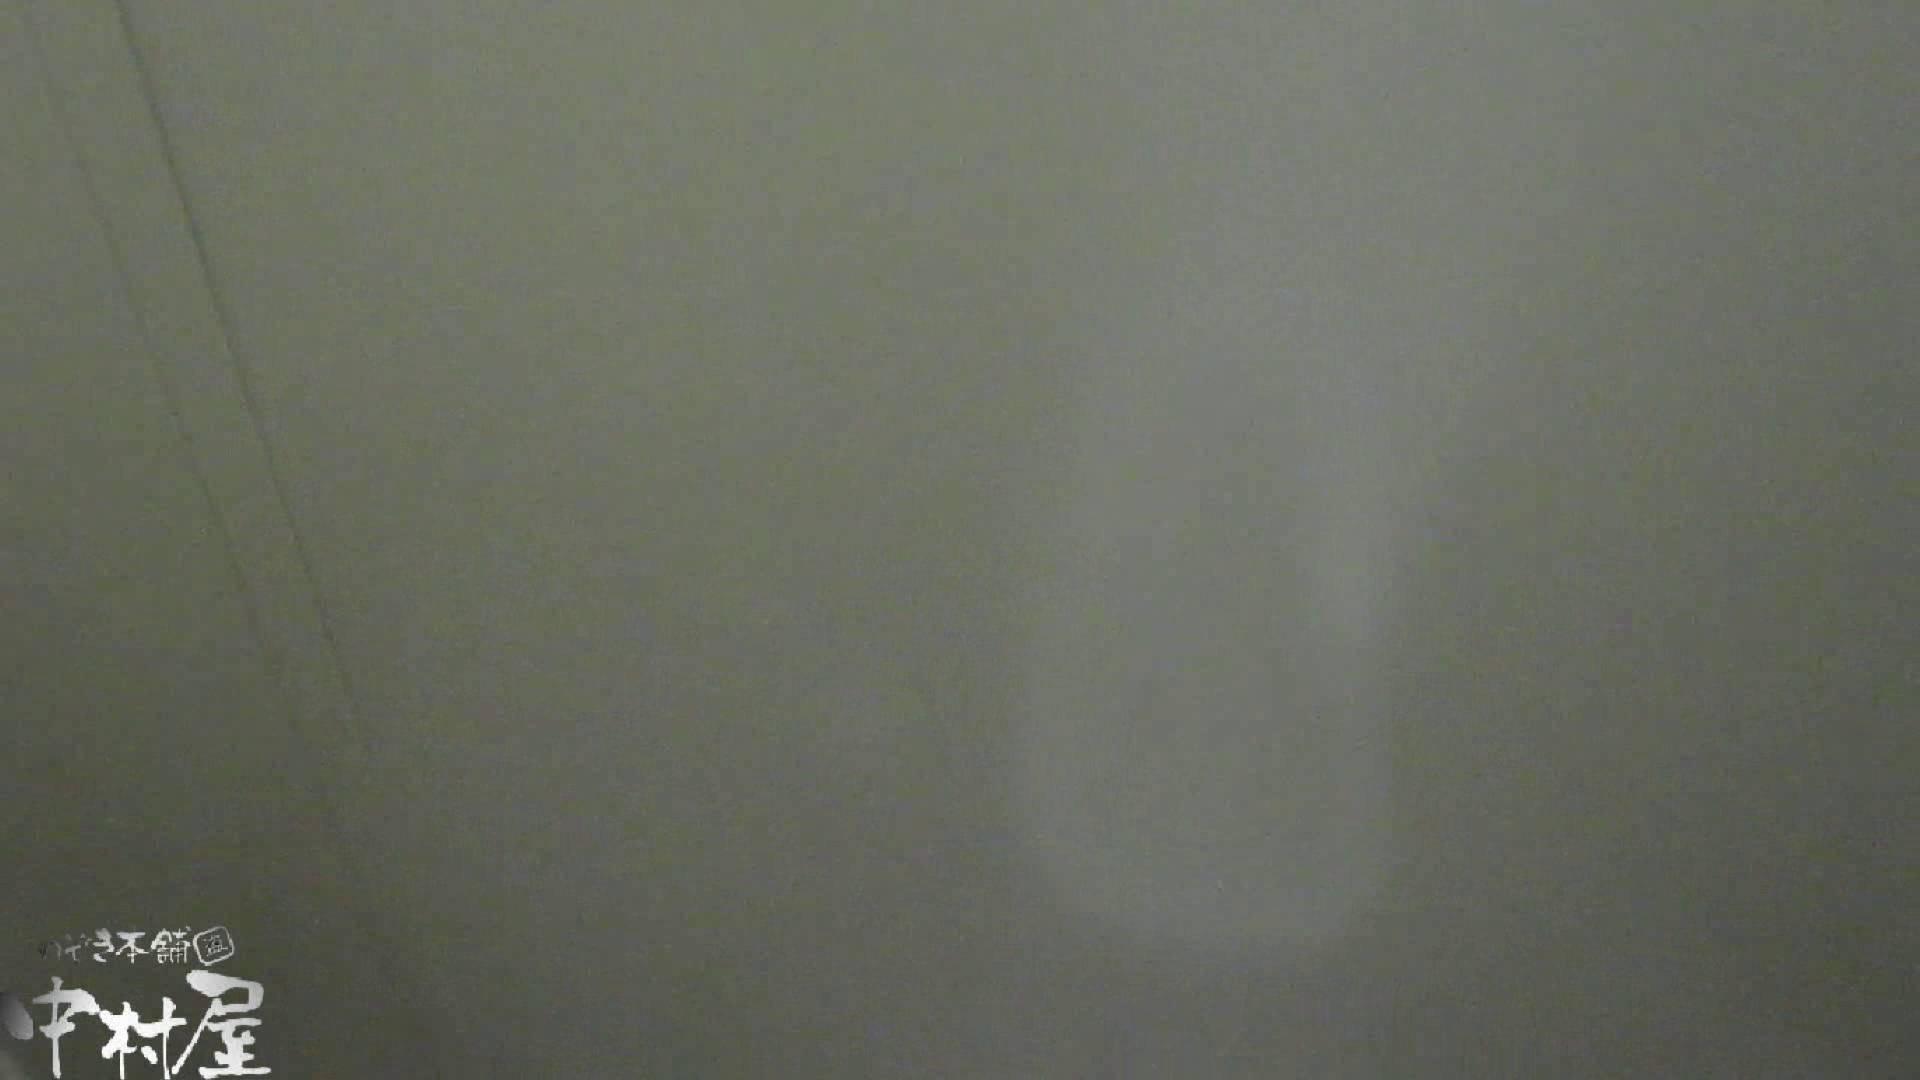 魂のかわや盗撮62連発! 三方向から黄金水噴射! 18発目! 盗撮師作品  92pic 16